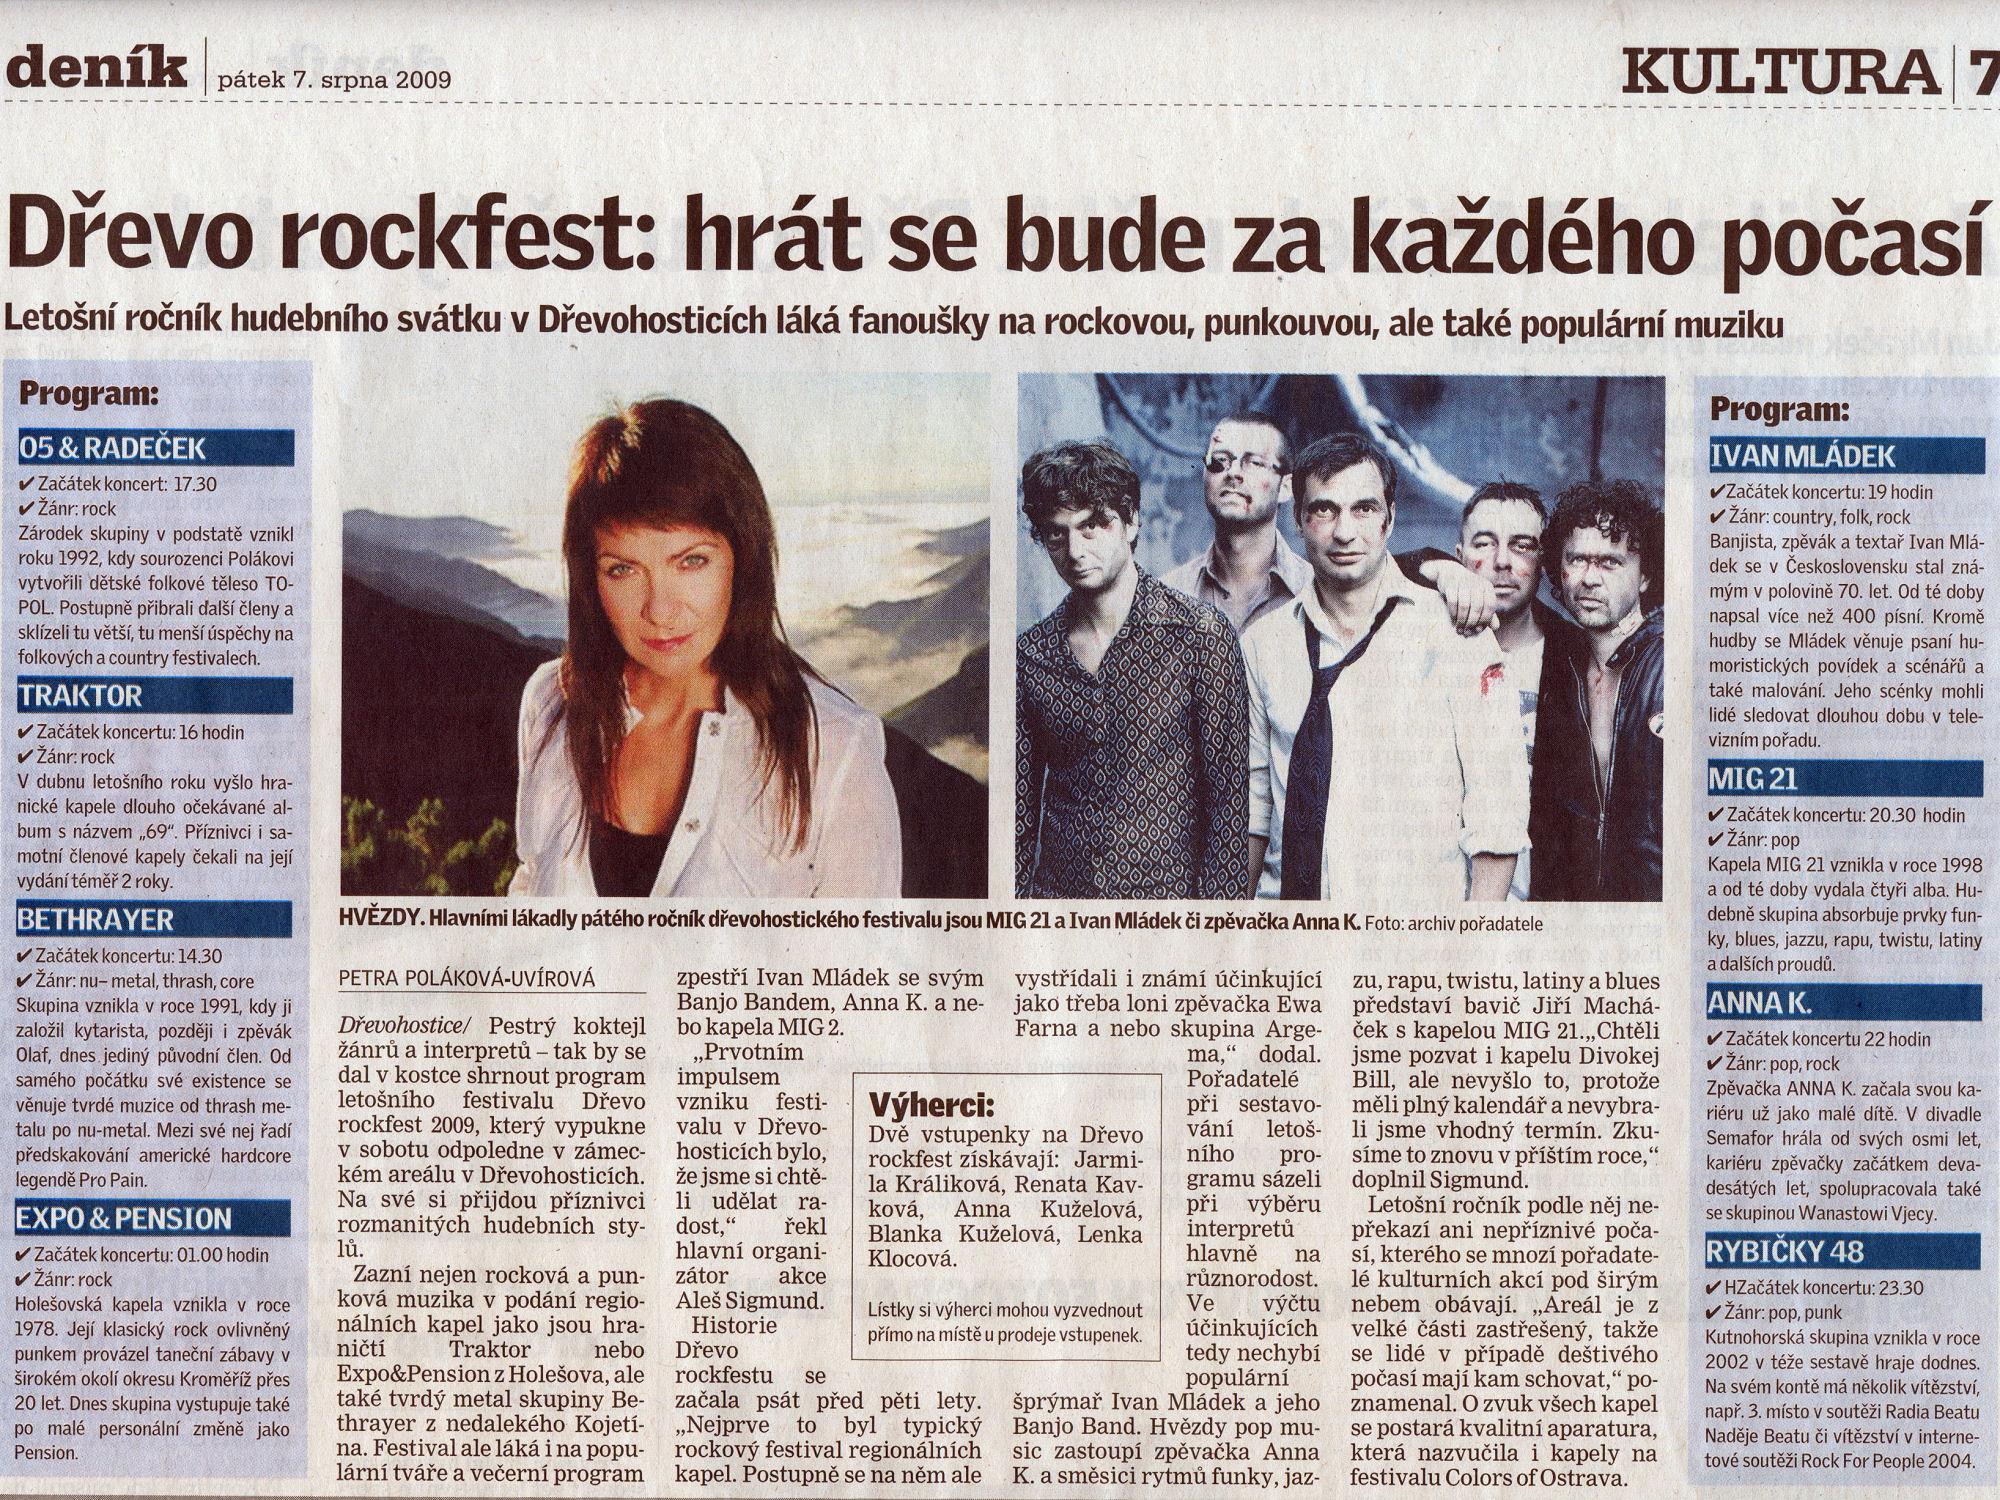 Dřevorockfest 2009 - Přerovský deník - článek 07.08.2009